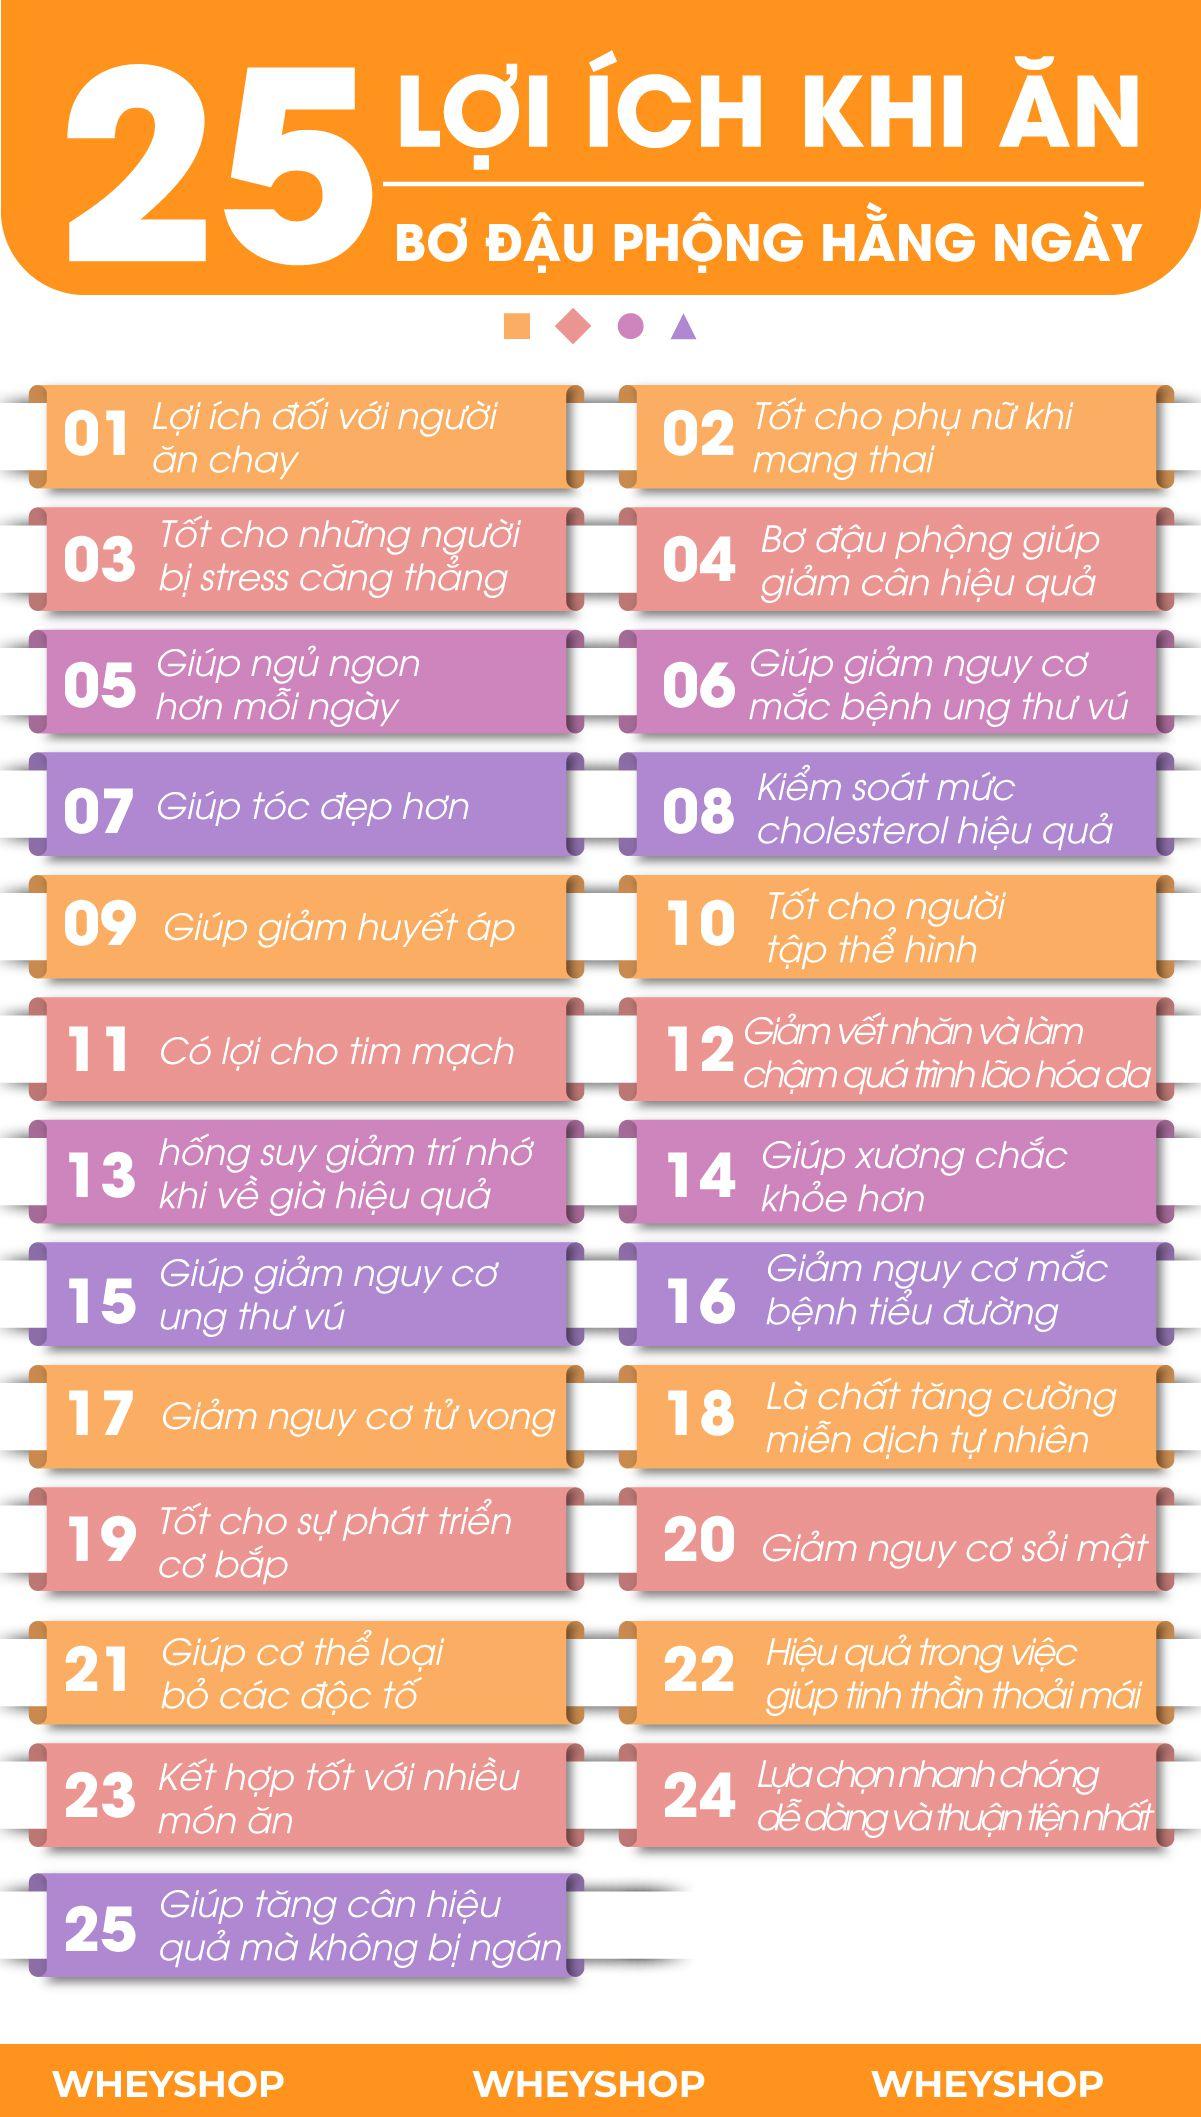 Nếu bạn đang tìm hiểu có nên sử dụng BƠ ĐẬU PHỘNG hay cùng thì hãy cùng WheyShop điểm qua 25 lợi ích tuyệt vời bất ngờ từ...